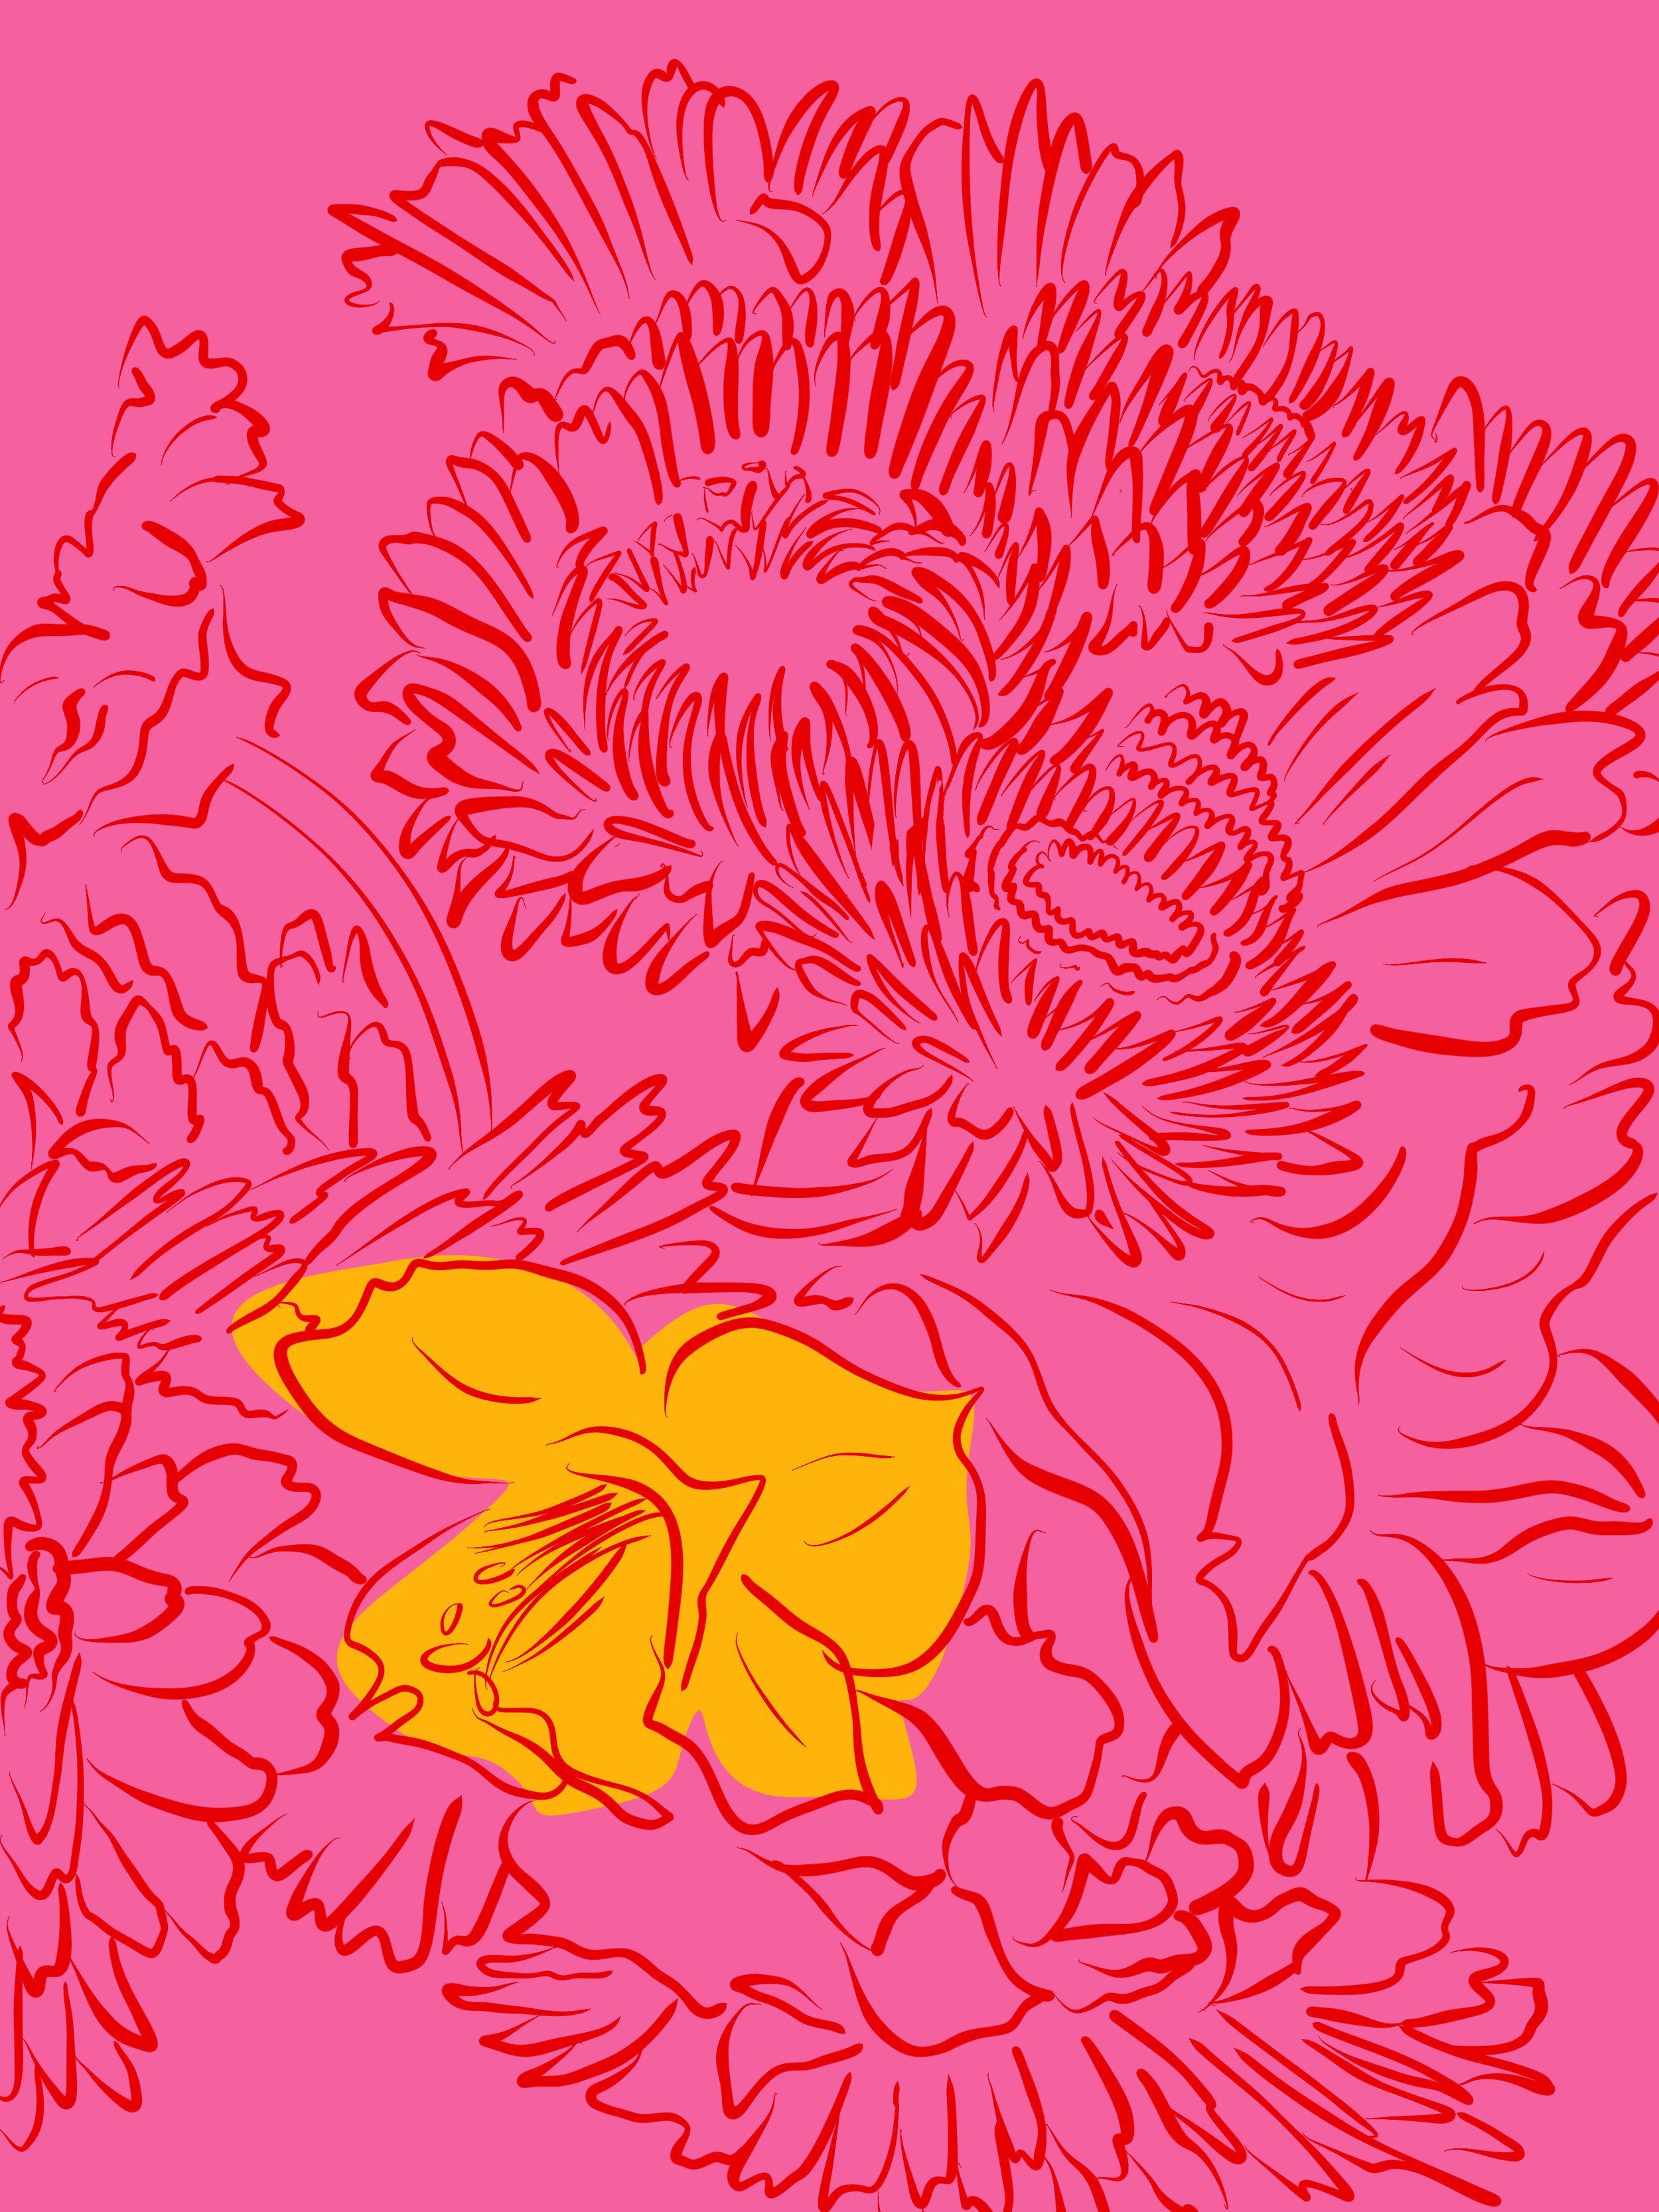 flower art2.JPG